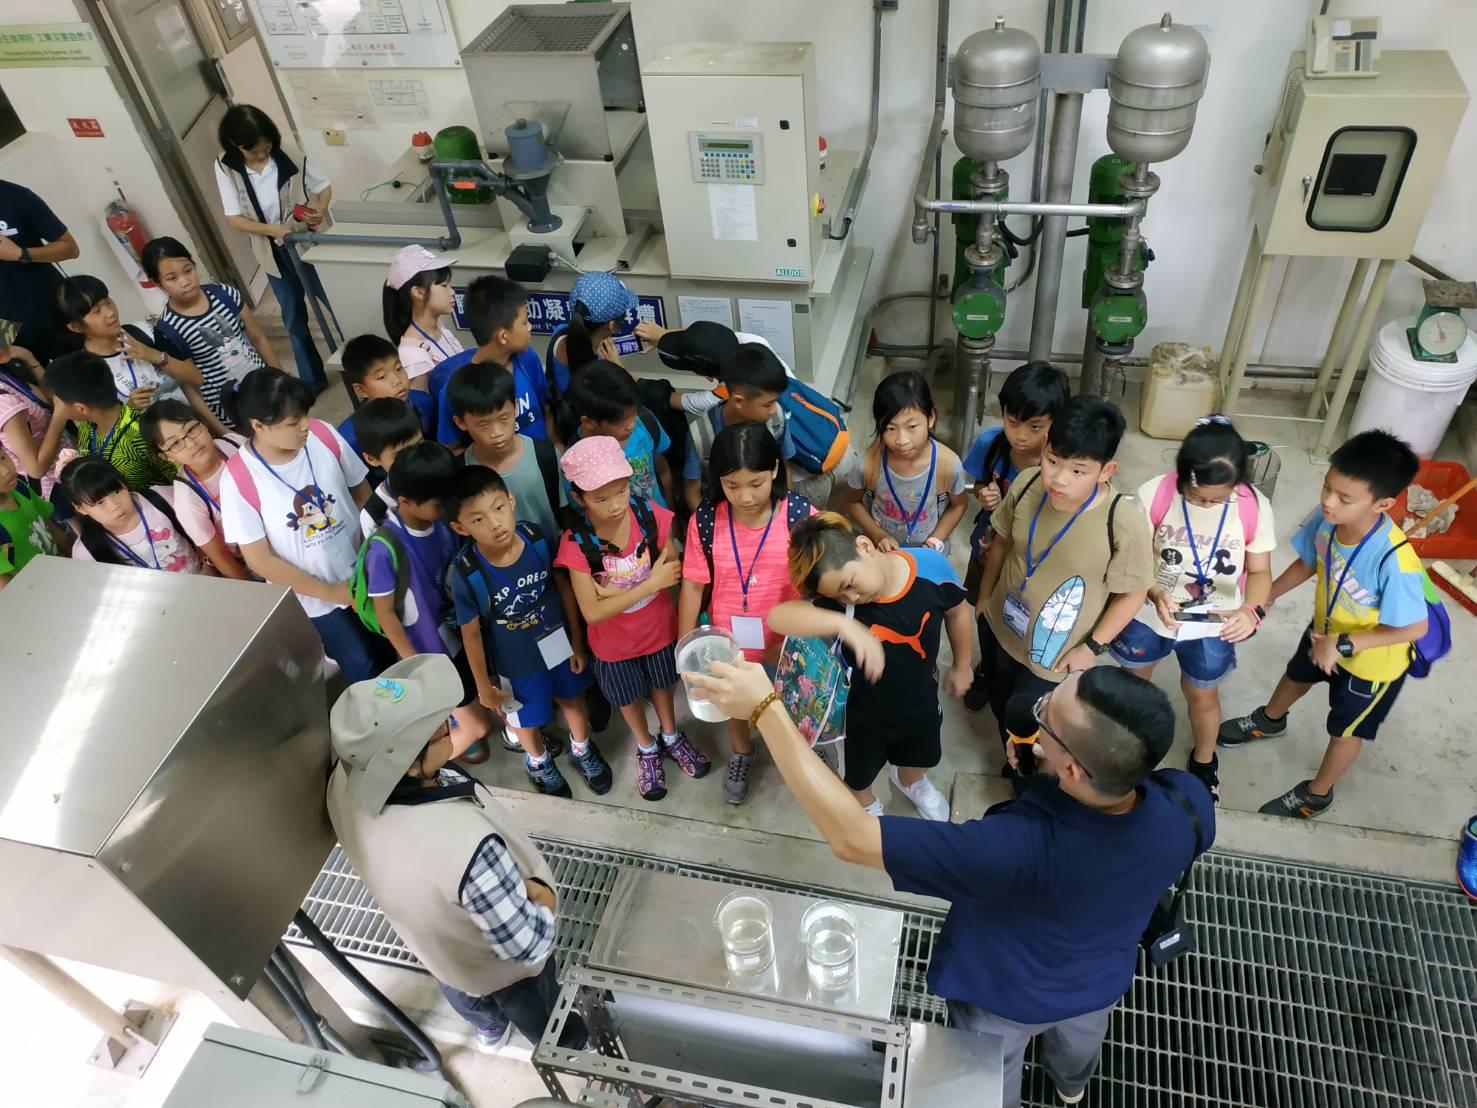 說明:坪林污水處理廠人員解說污水處理過程。